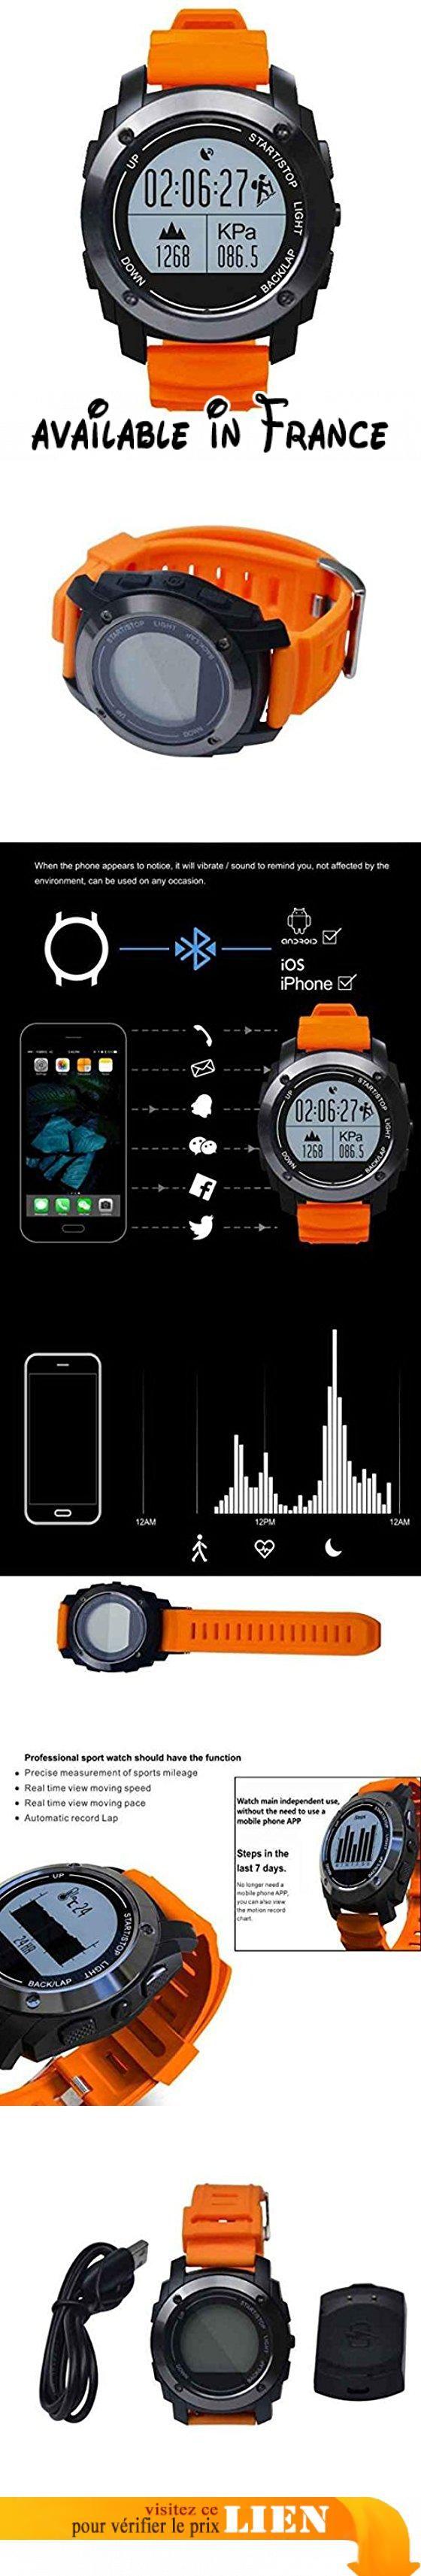 Métallique Montre Intelligente,Smart watch Contrôle